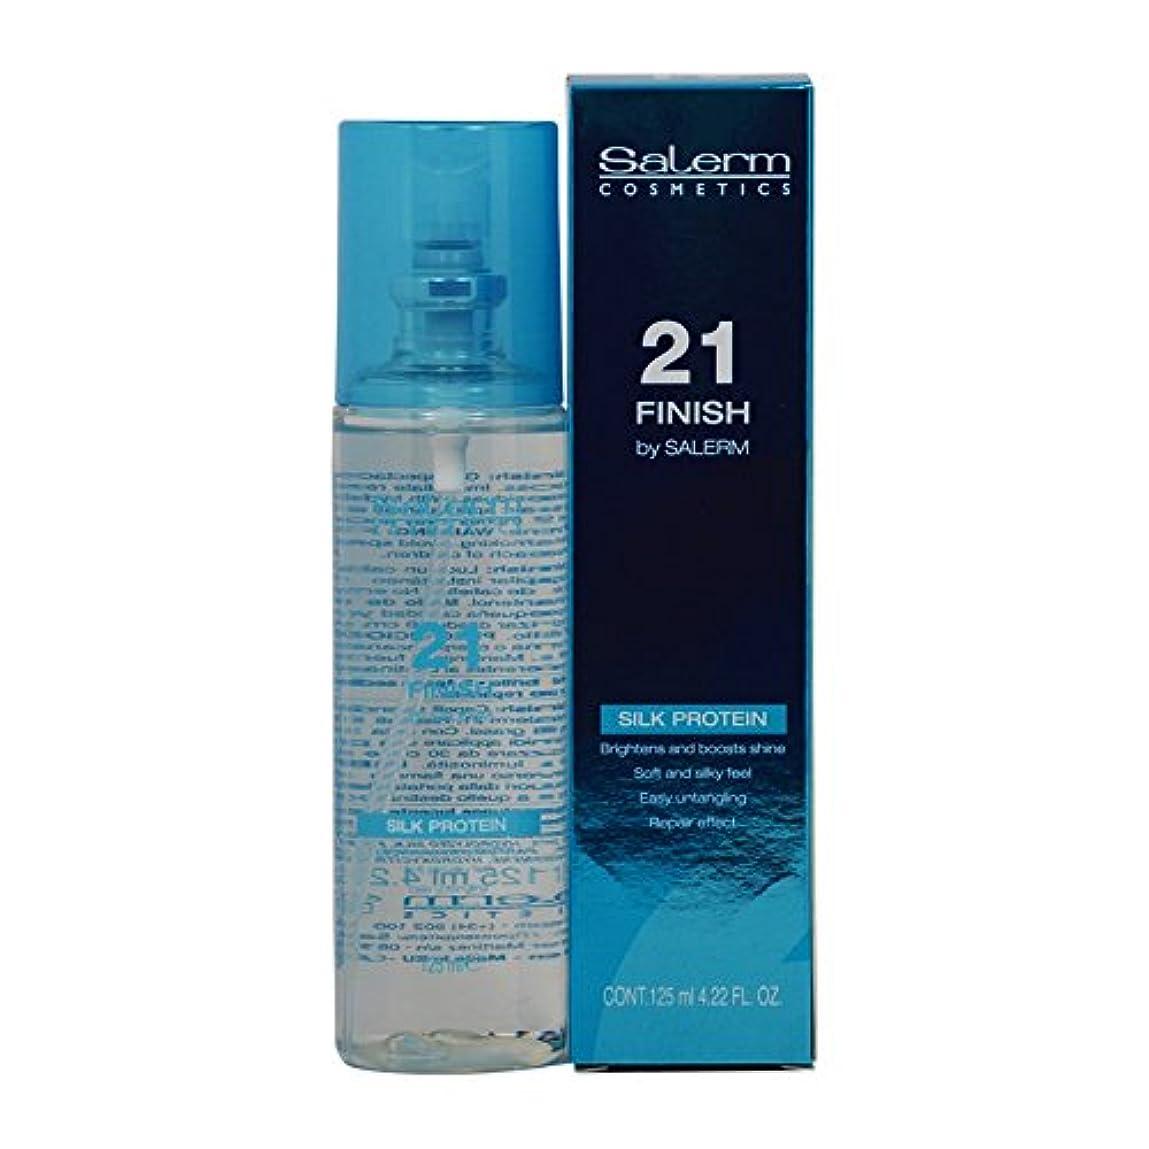 言語魅惑するパラメータSalerm 21完了絹タンパク質4.22オンススプレー 4.22液量オンス